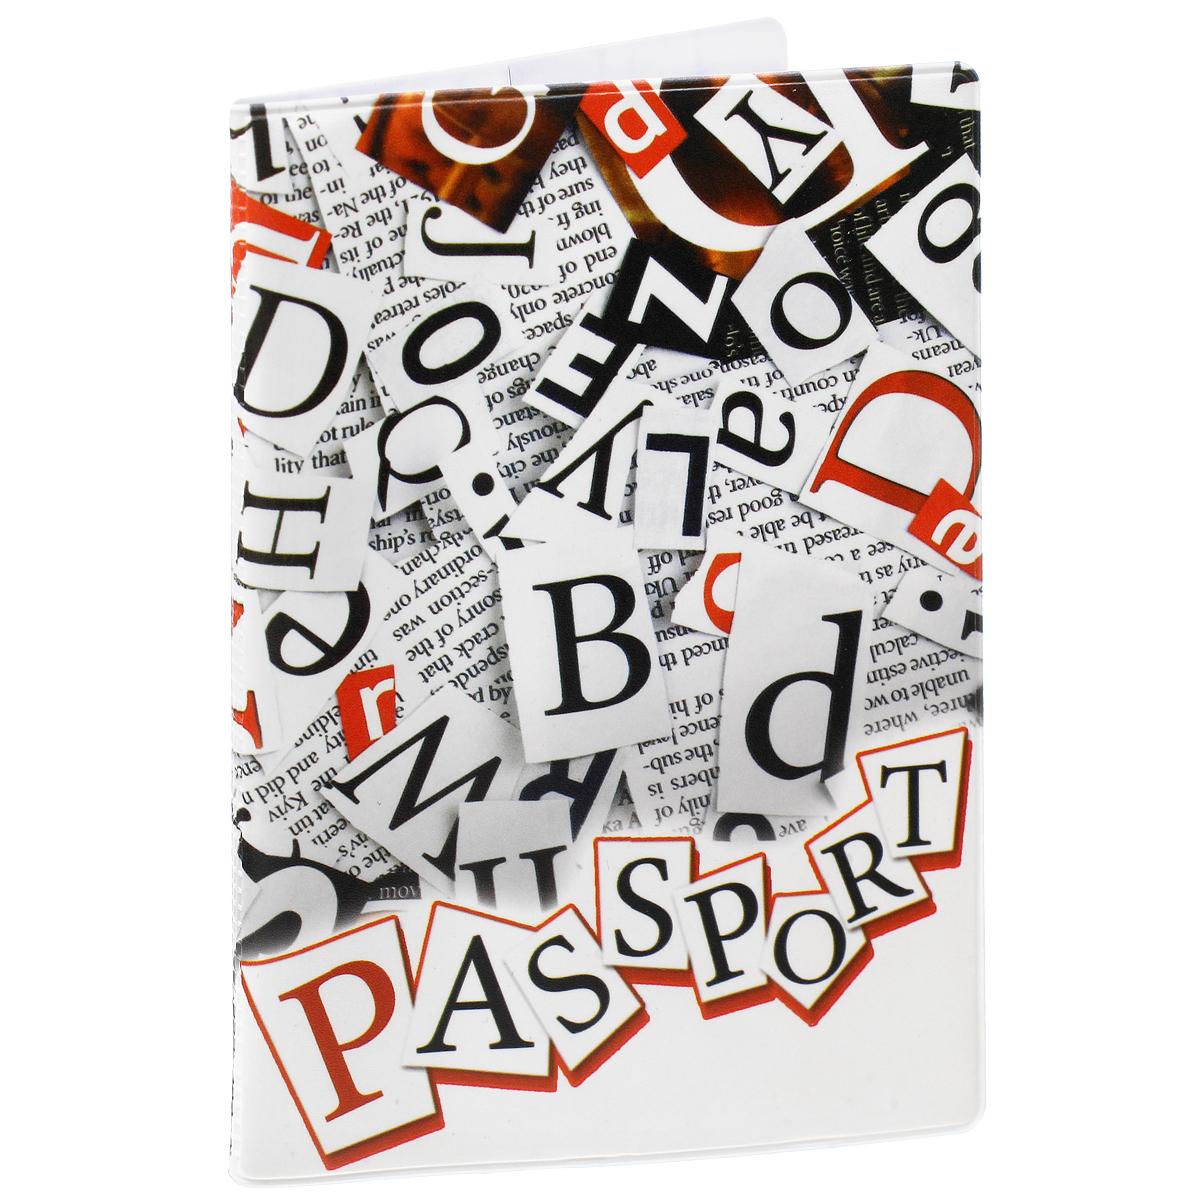 Обложка для паспорта Буквы, цвет: белый, черный, красный. 3773337733Обложка для паспорта Буквы не только поможет сохранить внешний вид ваших документов и защитить их от повреждений, но и станет стильным аксессуаром, идеально подходящим вашему образу. Обложка выполнена из поливинилхлорида и оформлена оригинальным изображением букв английского алфавита. Внутри имеет два вертикальных кармана из прозрачного пластика. Такая обложка поможет вам подчеркнуть свою индивидуальность и неповторимость!